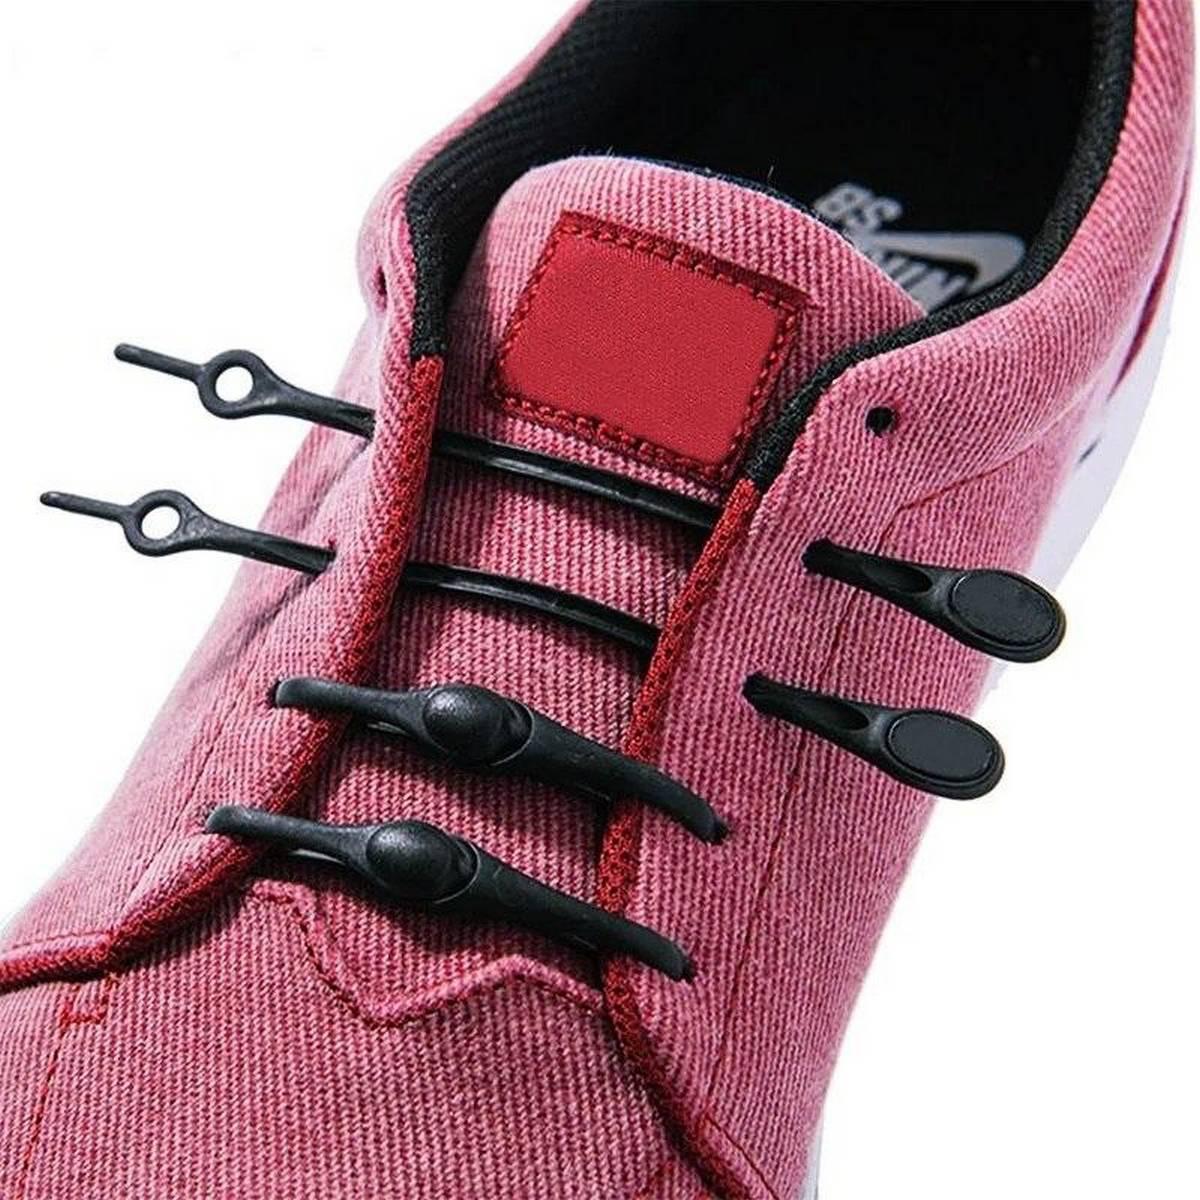 Silicone Shoelaces  Elastic Shoelaces Special  No Tie Shoelace for Men Women Lacing Rubber 12pcs